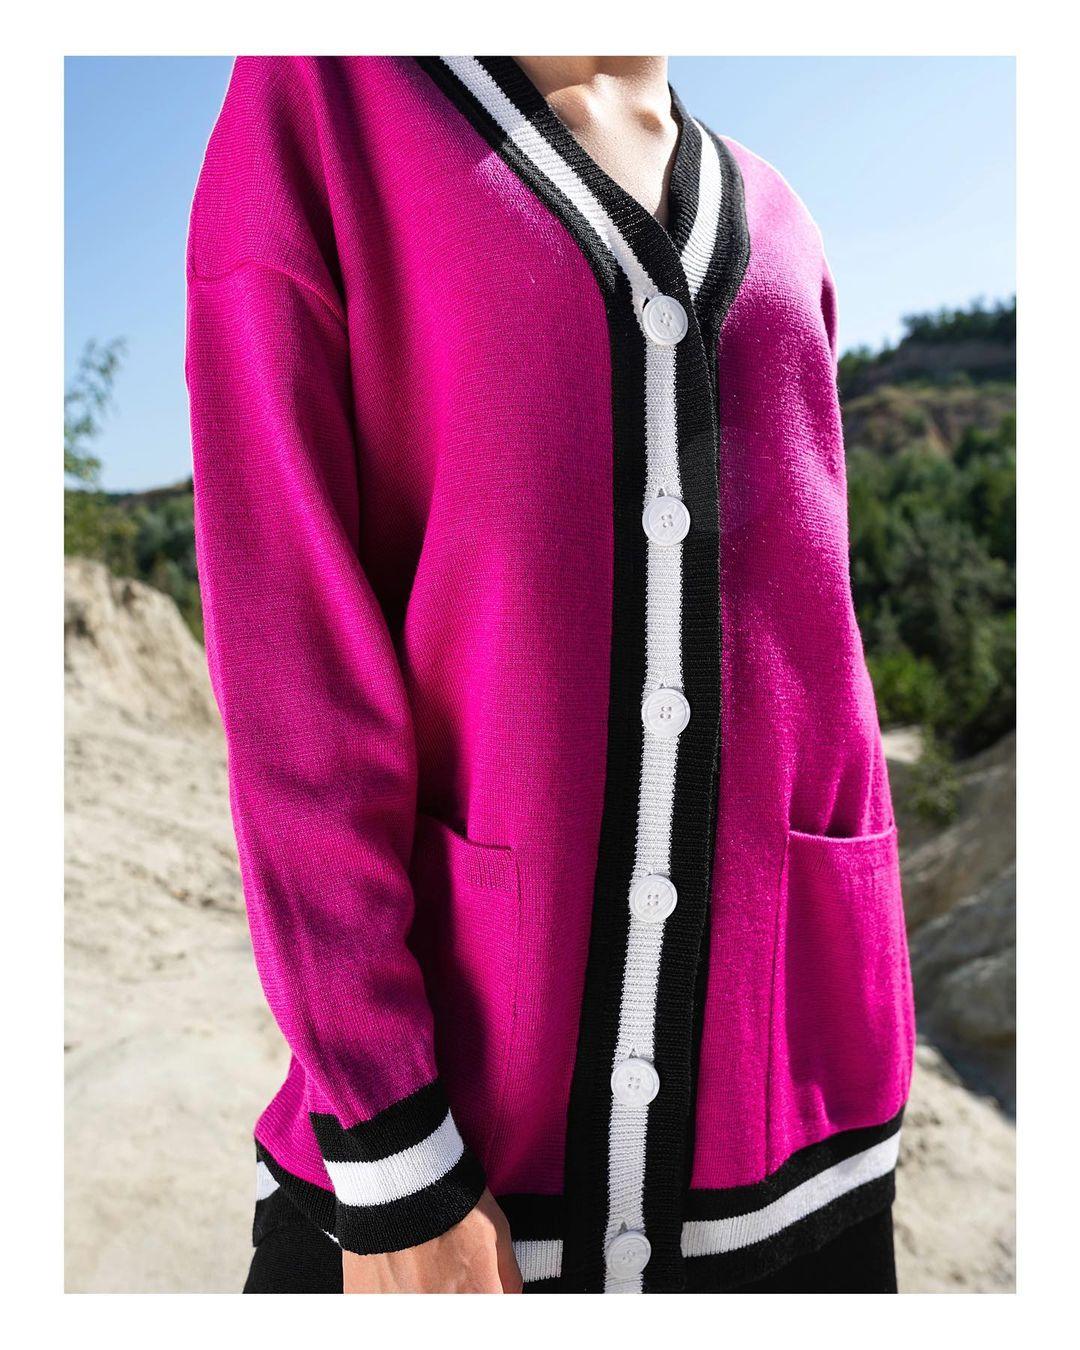 модный кардиган осень зима 2021 украинский бренд розовый фуксия